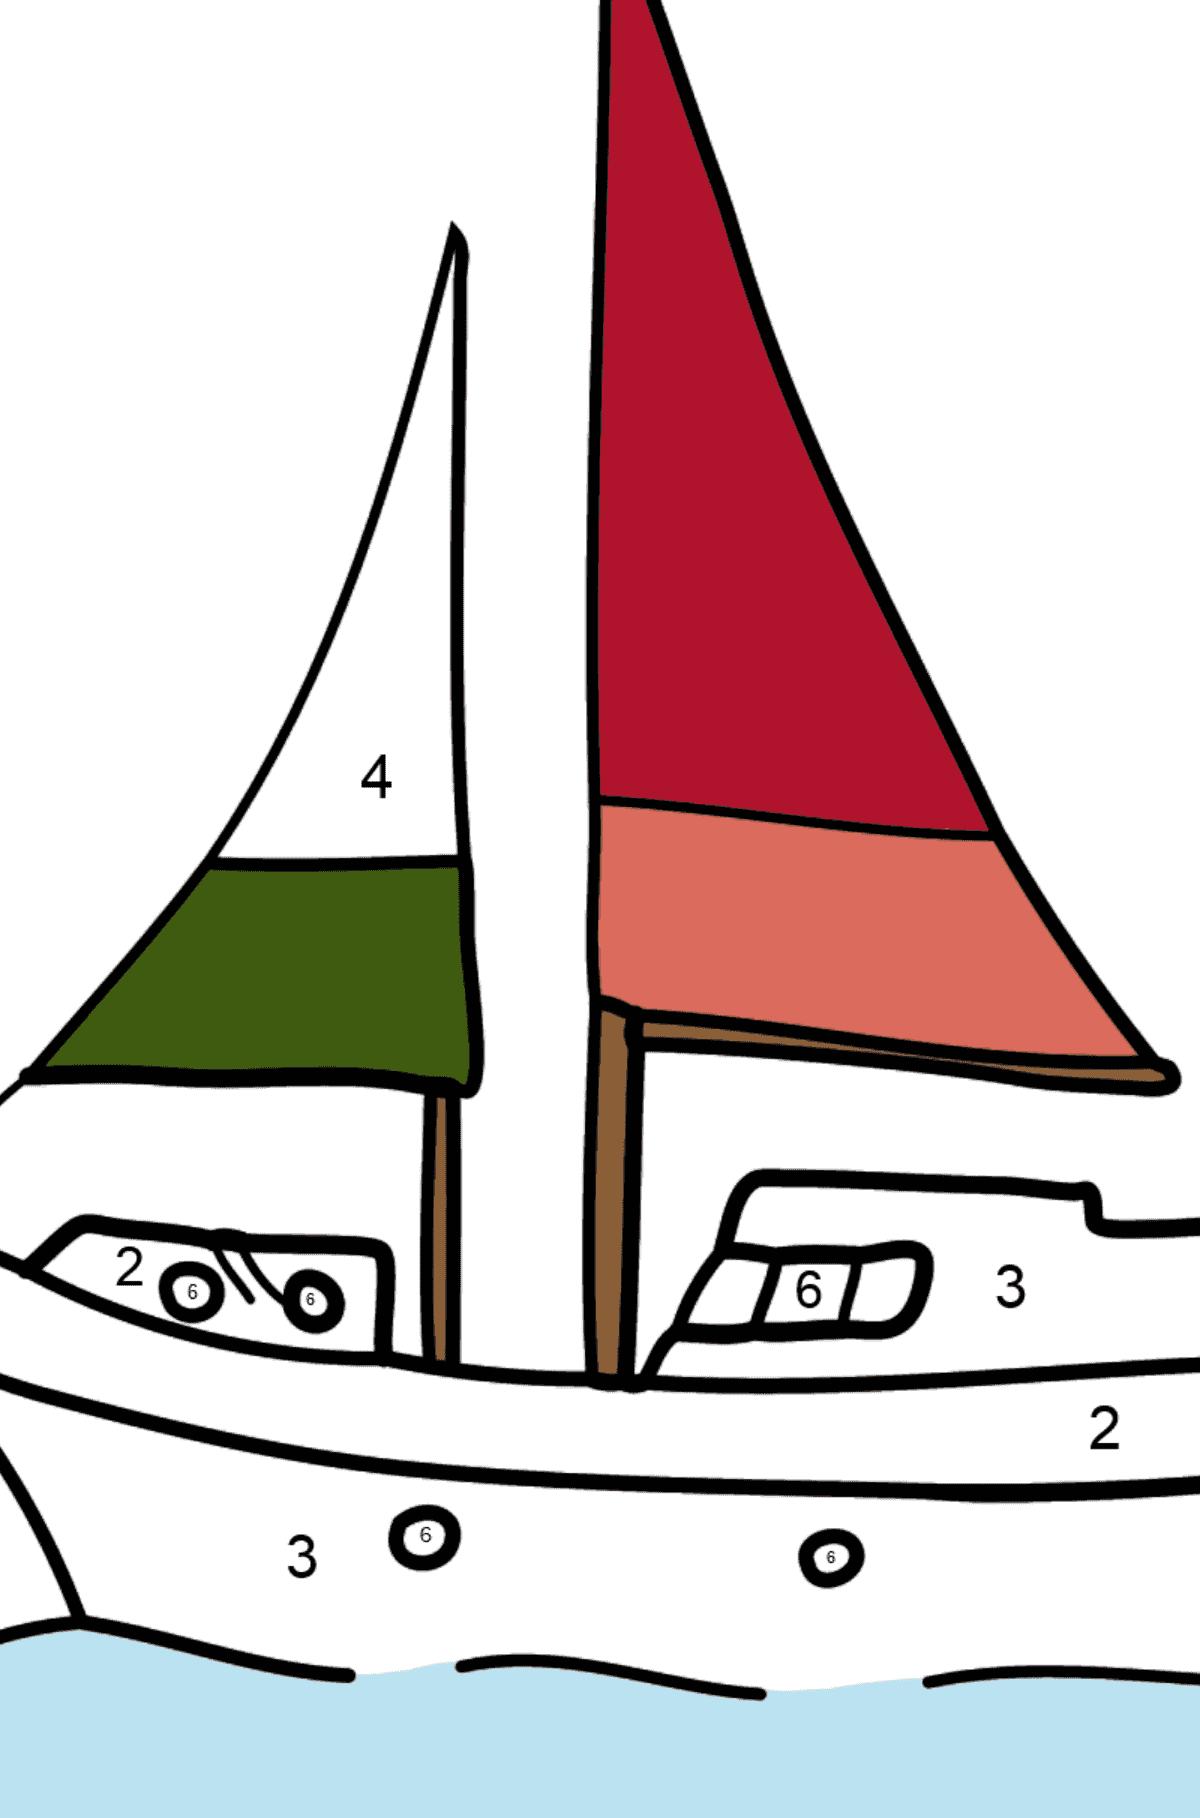 Раскраска небольшое трехпарусное судно - шебека - Раскраска по Номерам для Детей